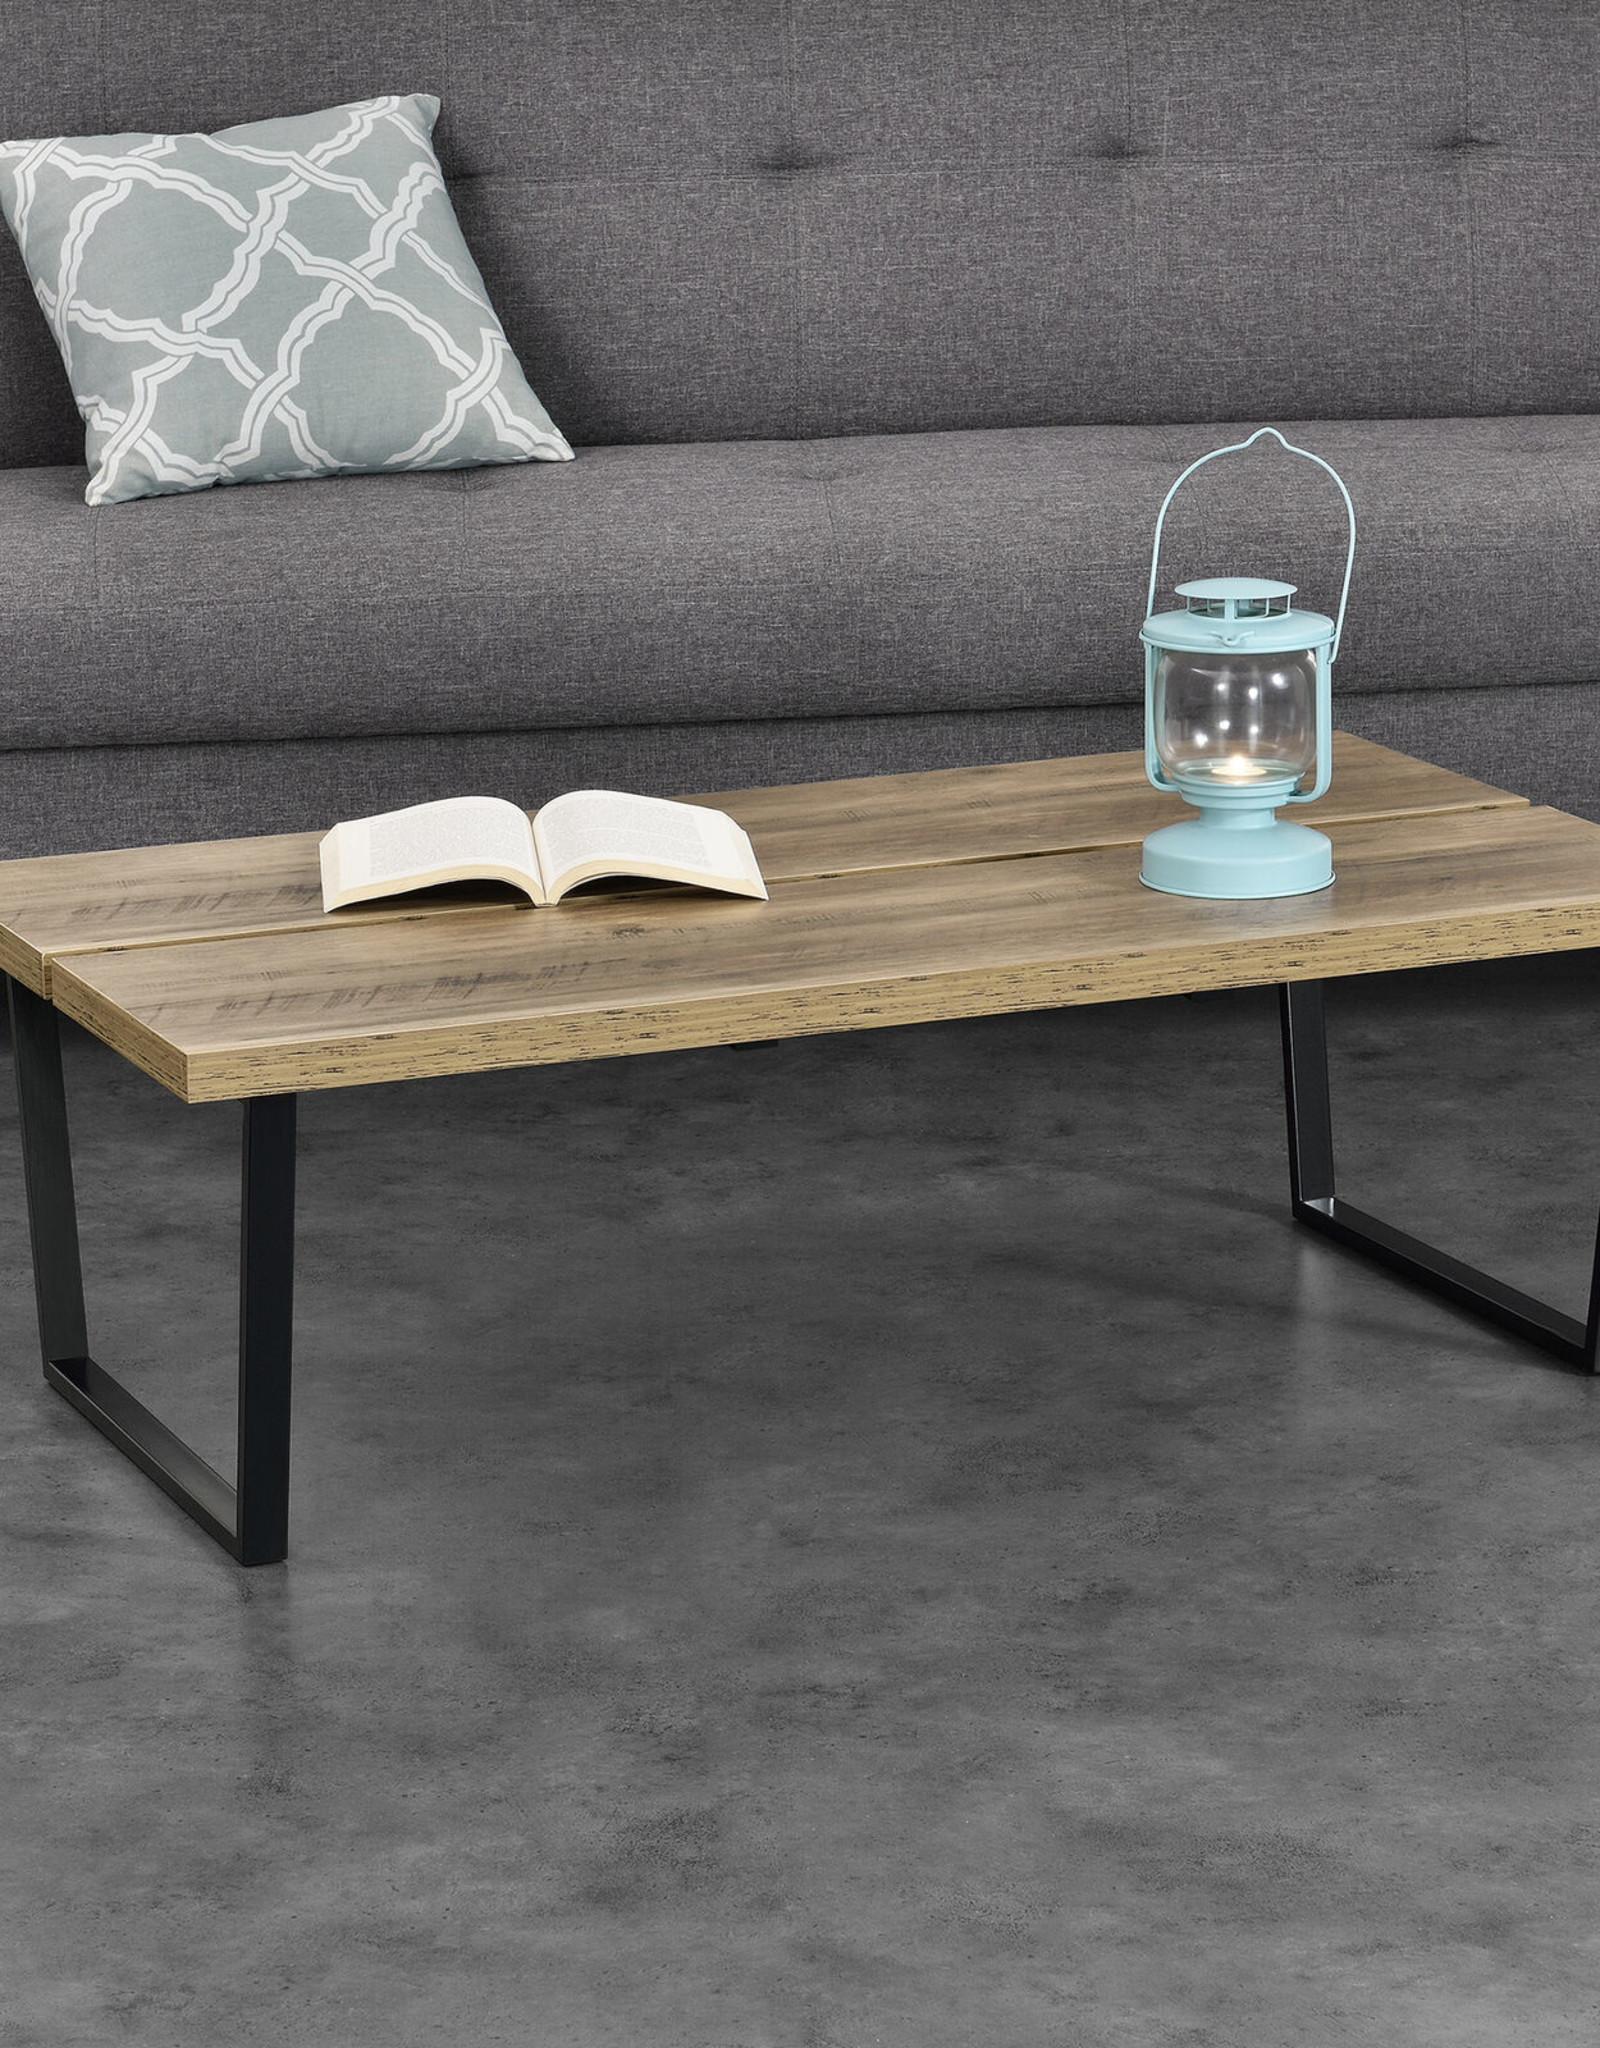 Stijlvolle salontafel met metalen frame 110 x 60 x 35 cm